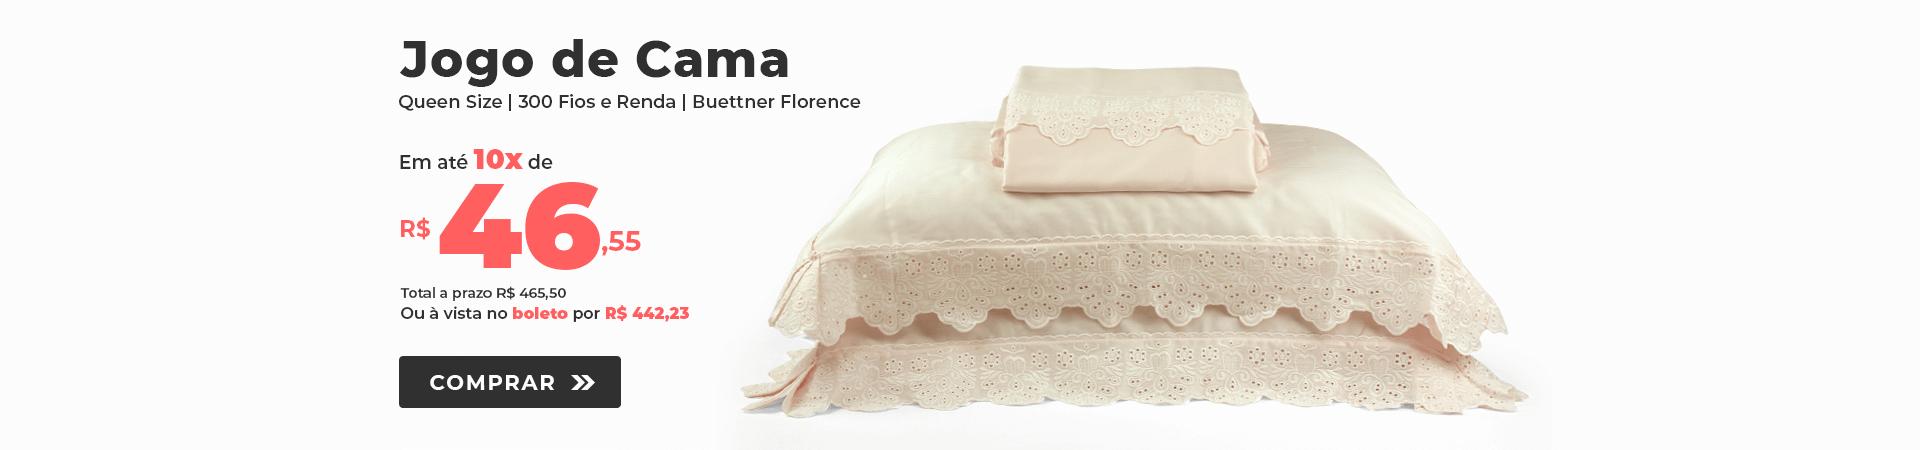 Jogo de Cama 300 fios com Renda Queen Size Buettner Florence >> Loja Buettner   Comprar Agora!